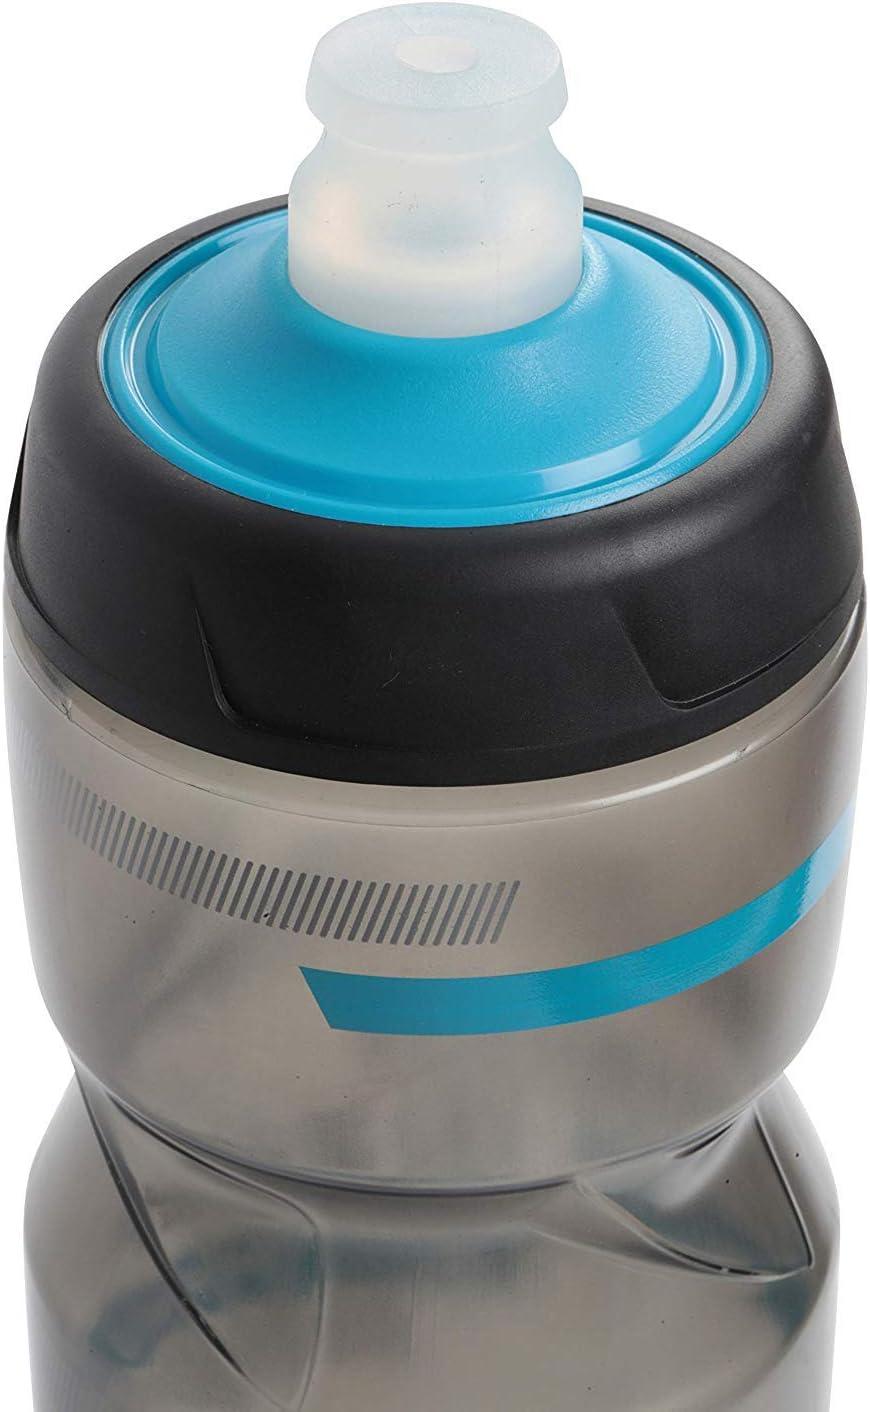 Zefal Sense Pro Water Bottle